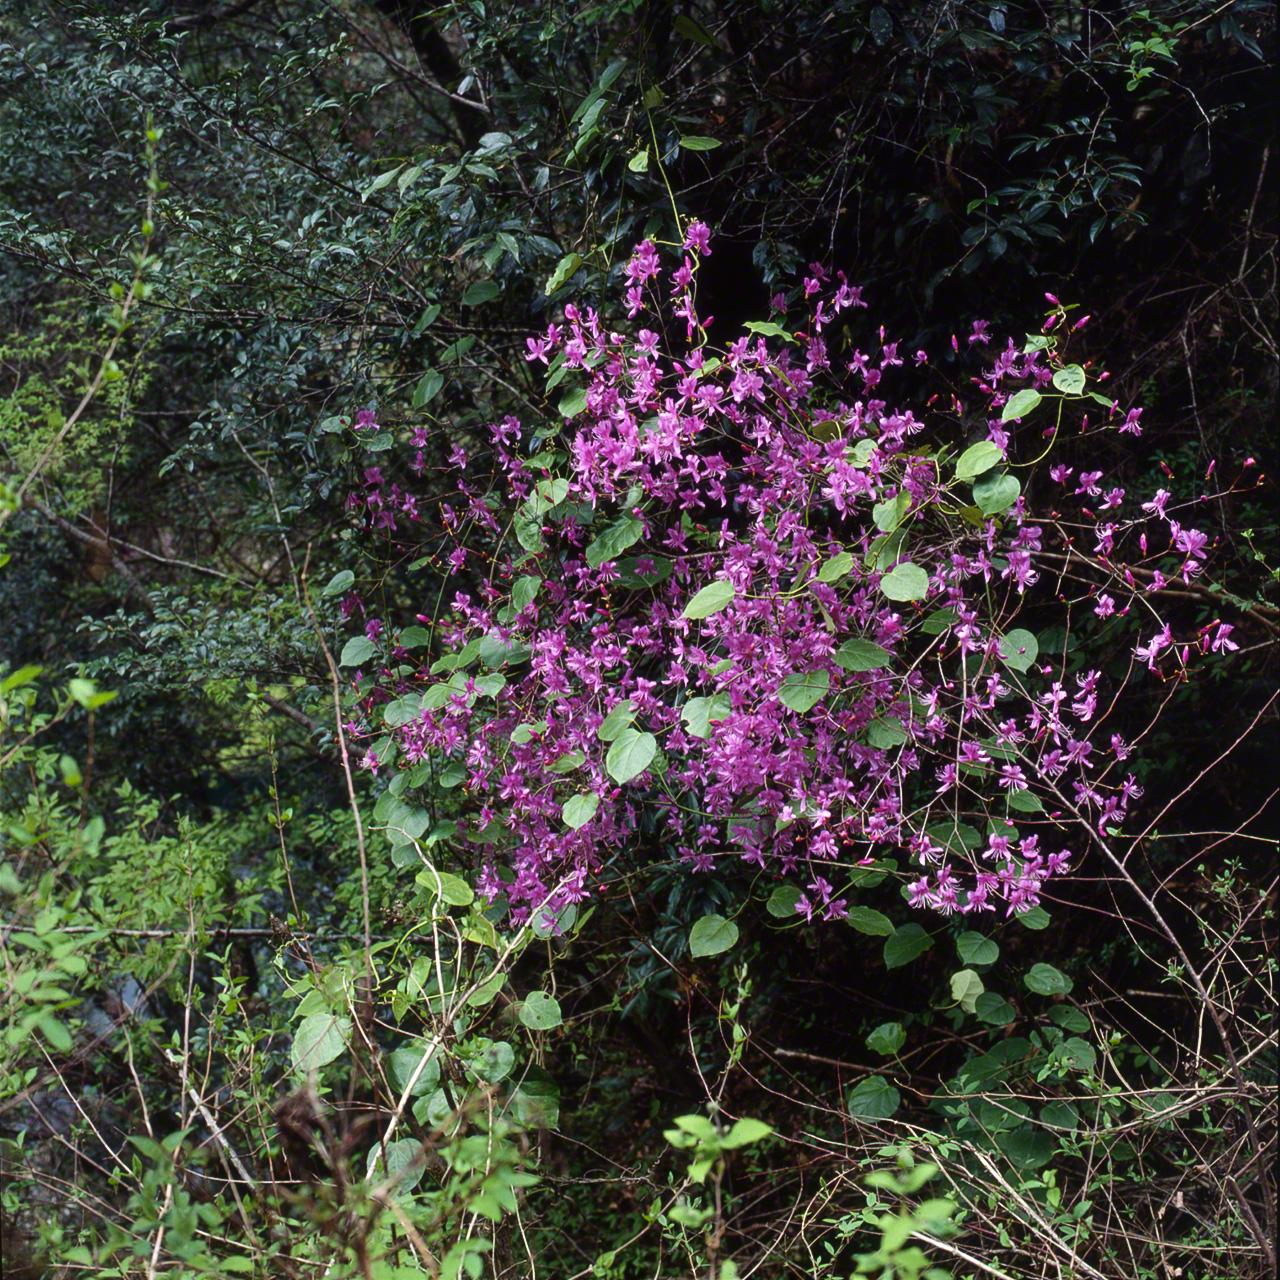 Дикие рододендроны (азалии), вечнозелёная азалия японская. Их можно найти по всей Японии